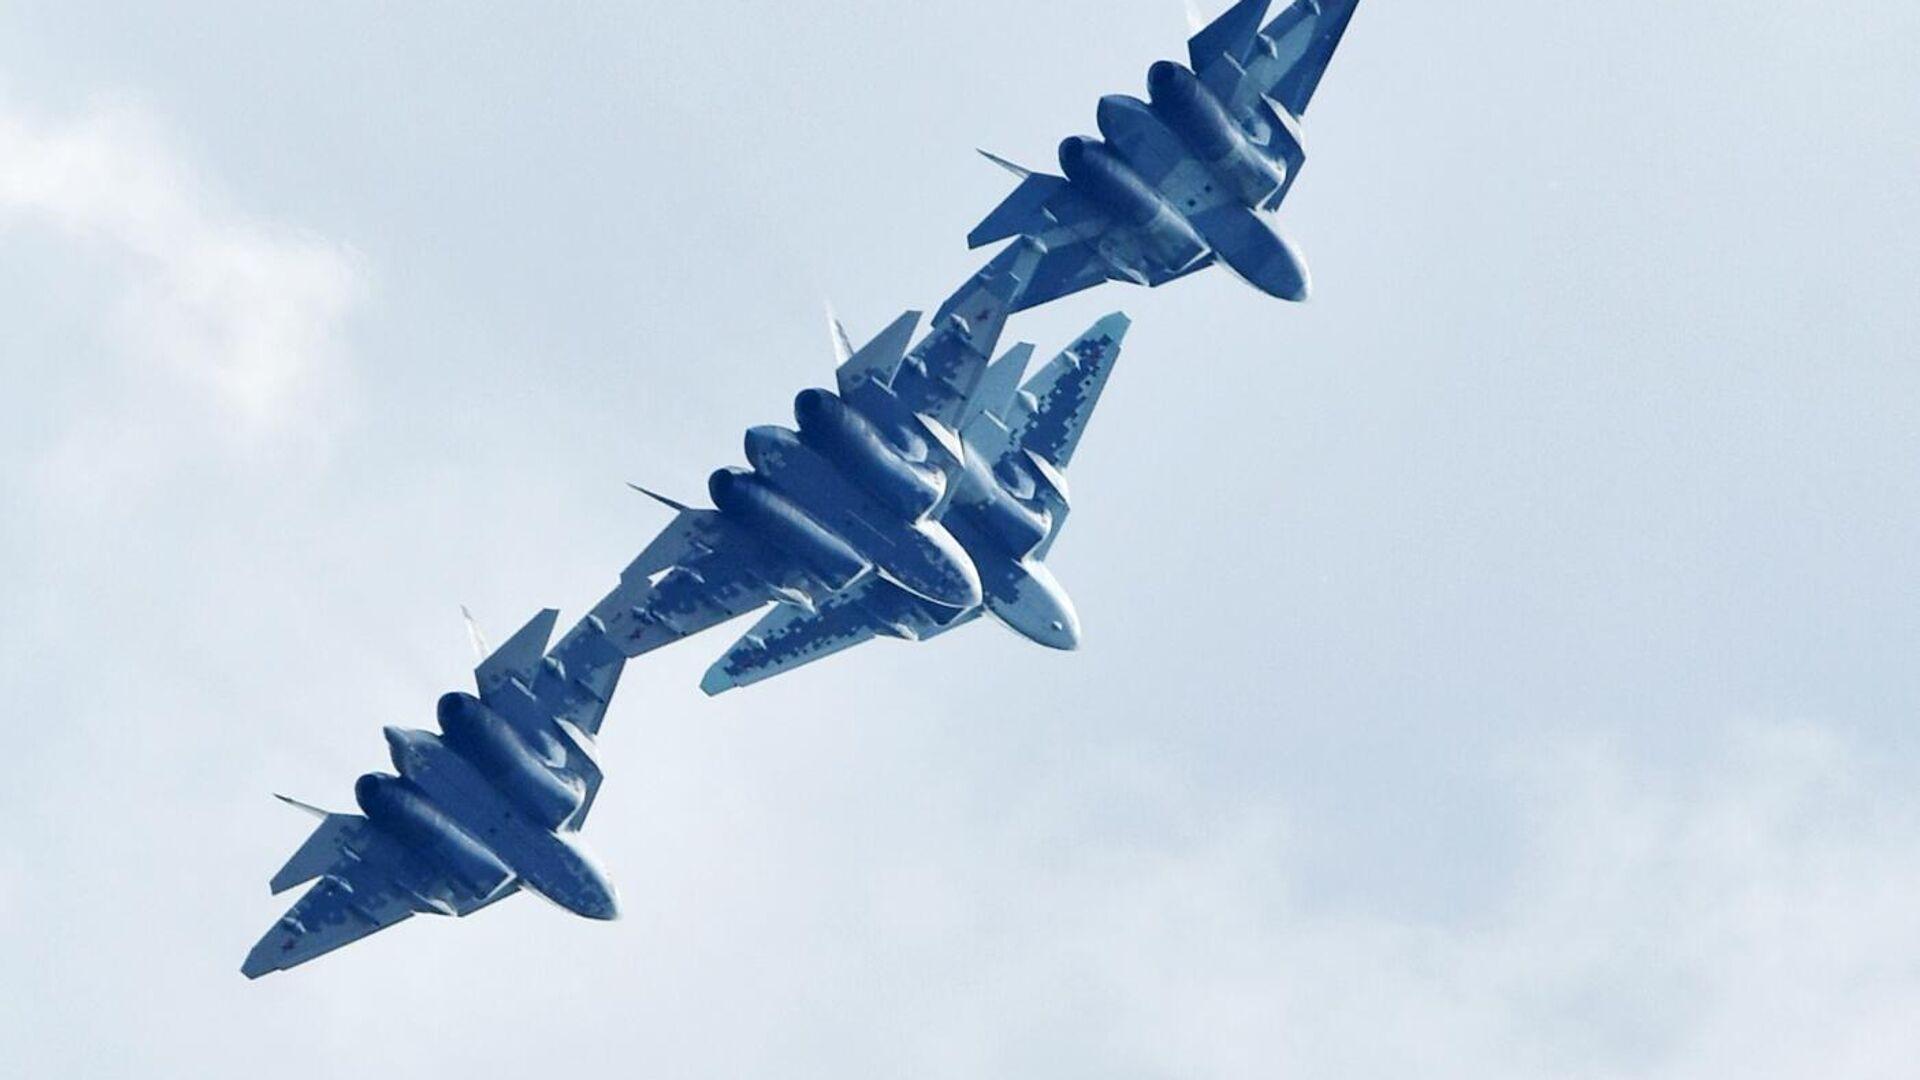 Российские многофункциональные истребители пятого поколения Су-57 выполняют демонстрационный полет на Международном авиационно-космическом салоне МАКС-2019 в подмосковном Жуковском - РИА Новости, 1920, 16.05.2020